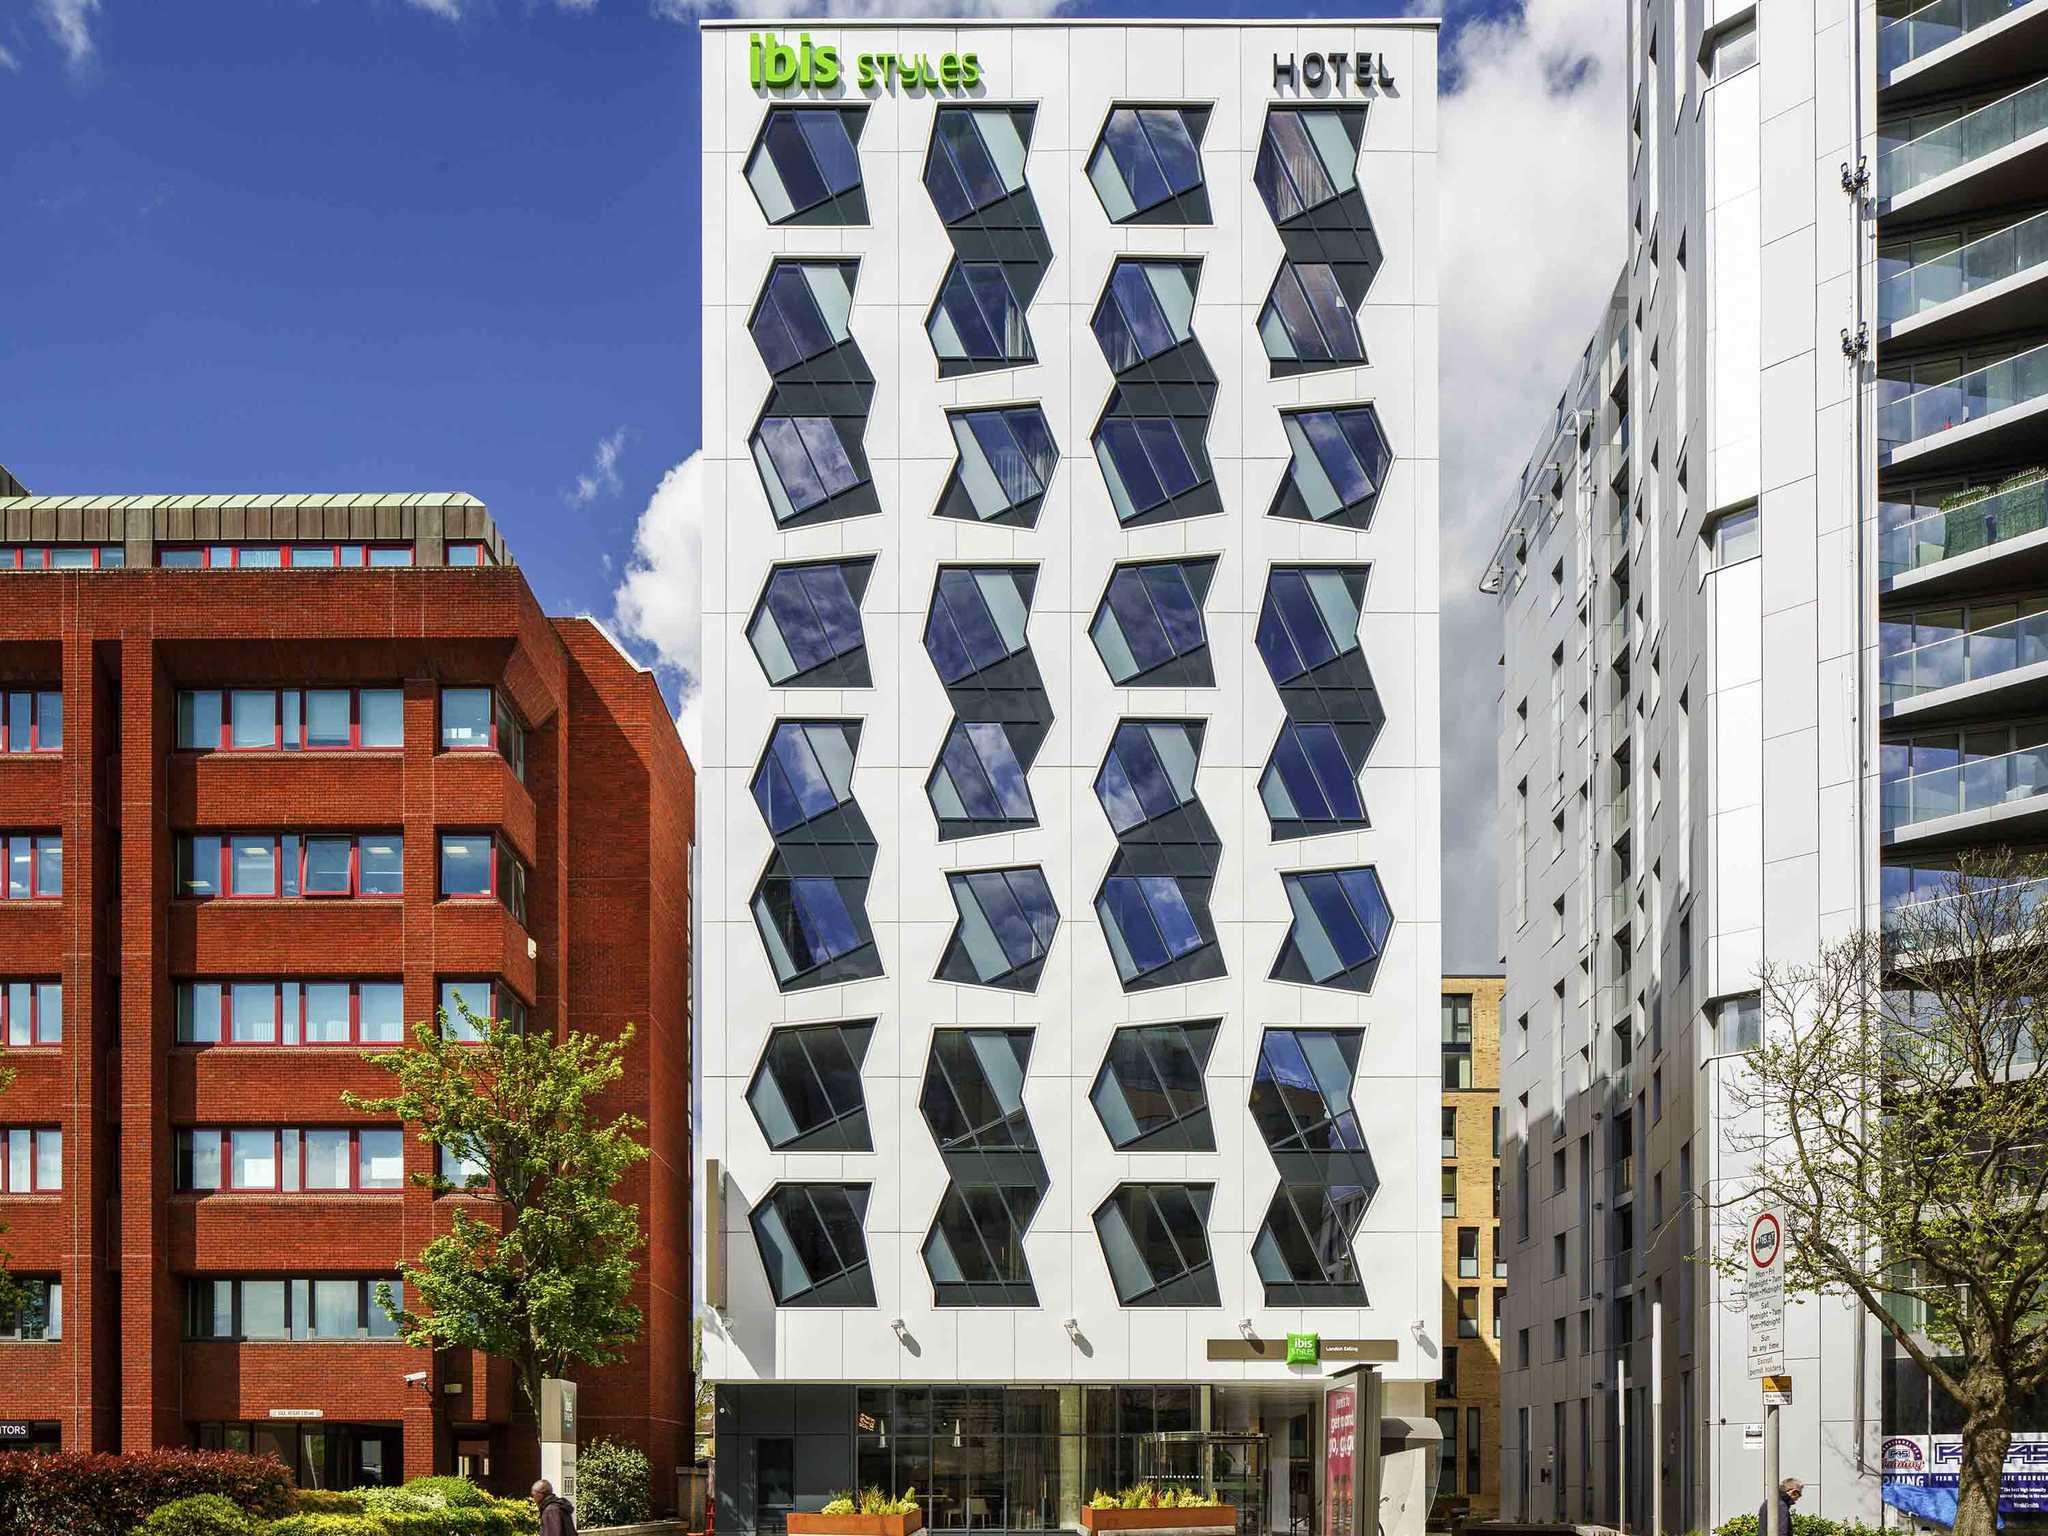 Hotel – Hotel ibis Styles London Ealing (Buka Sekarang)